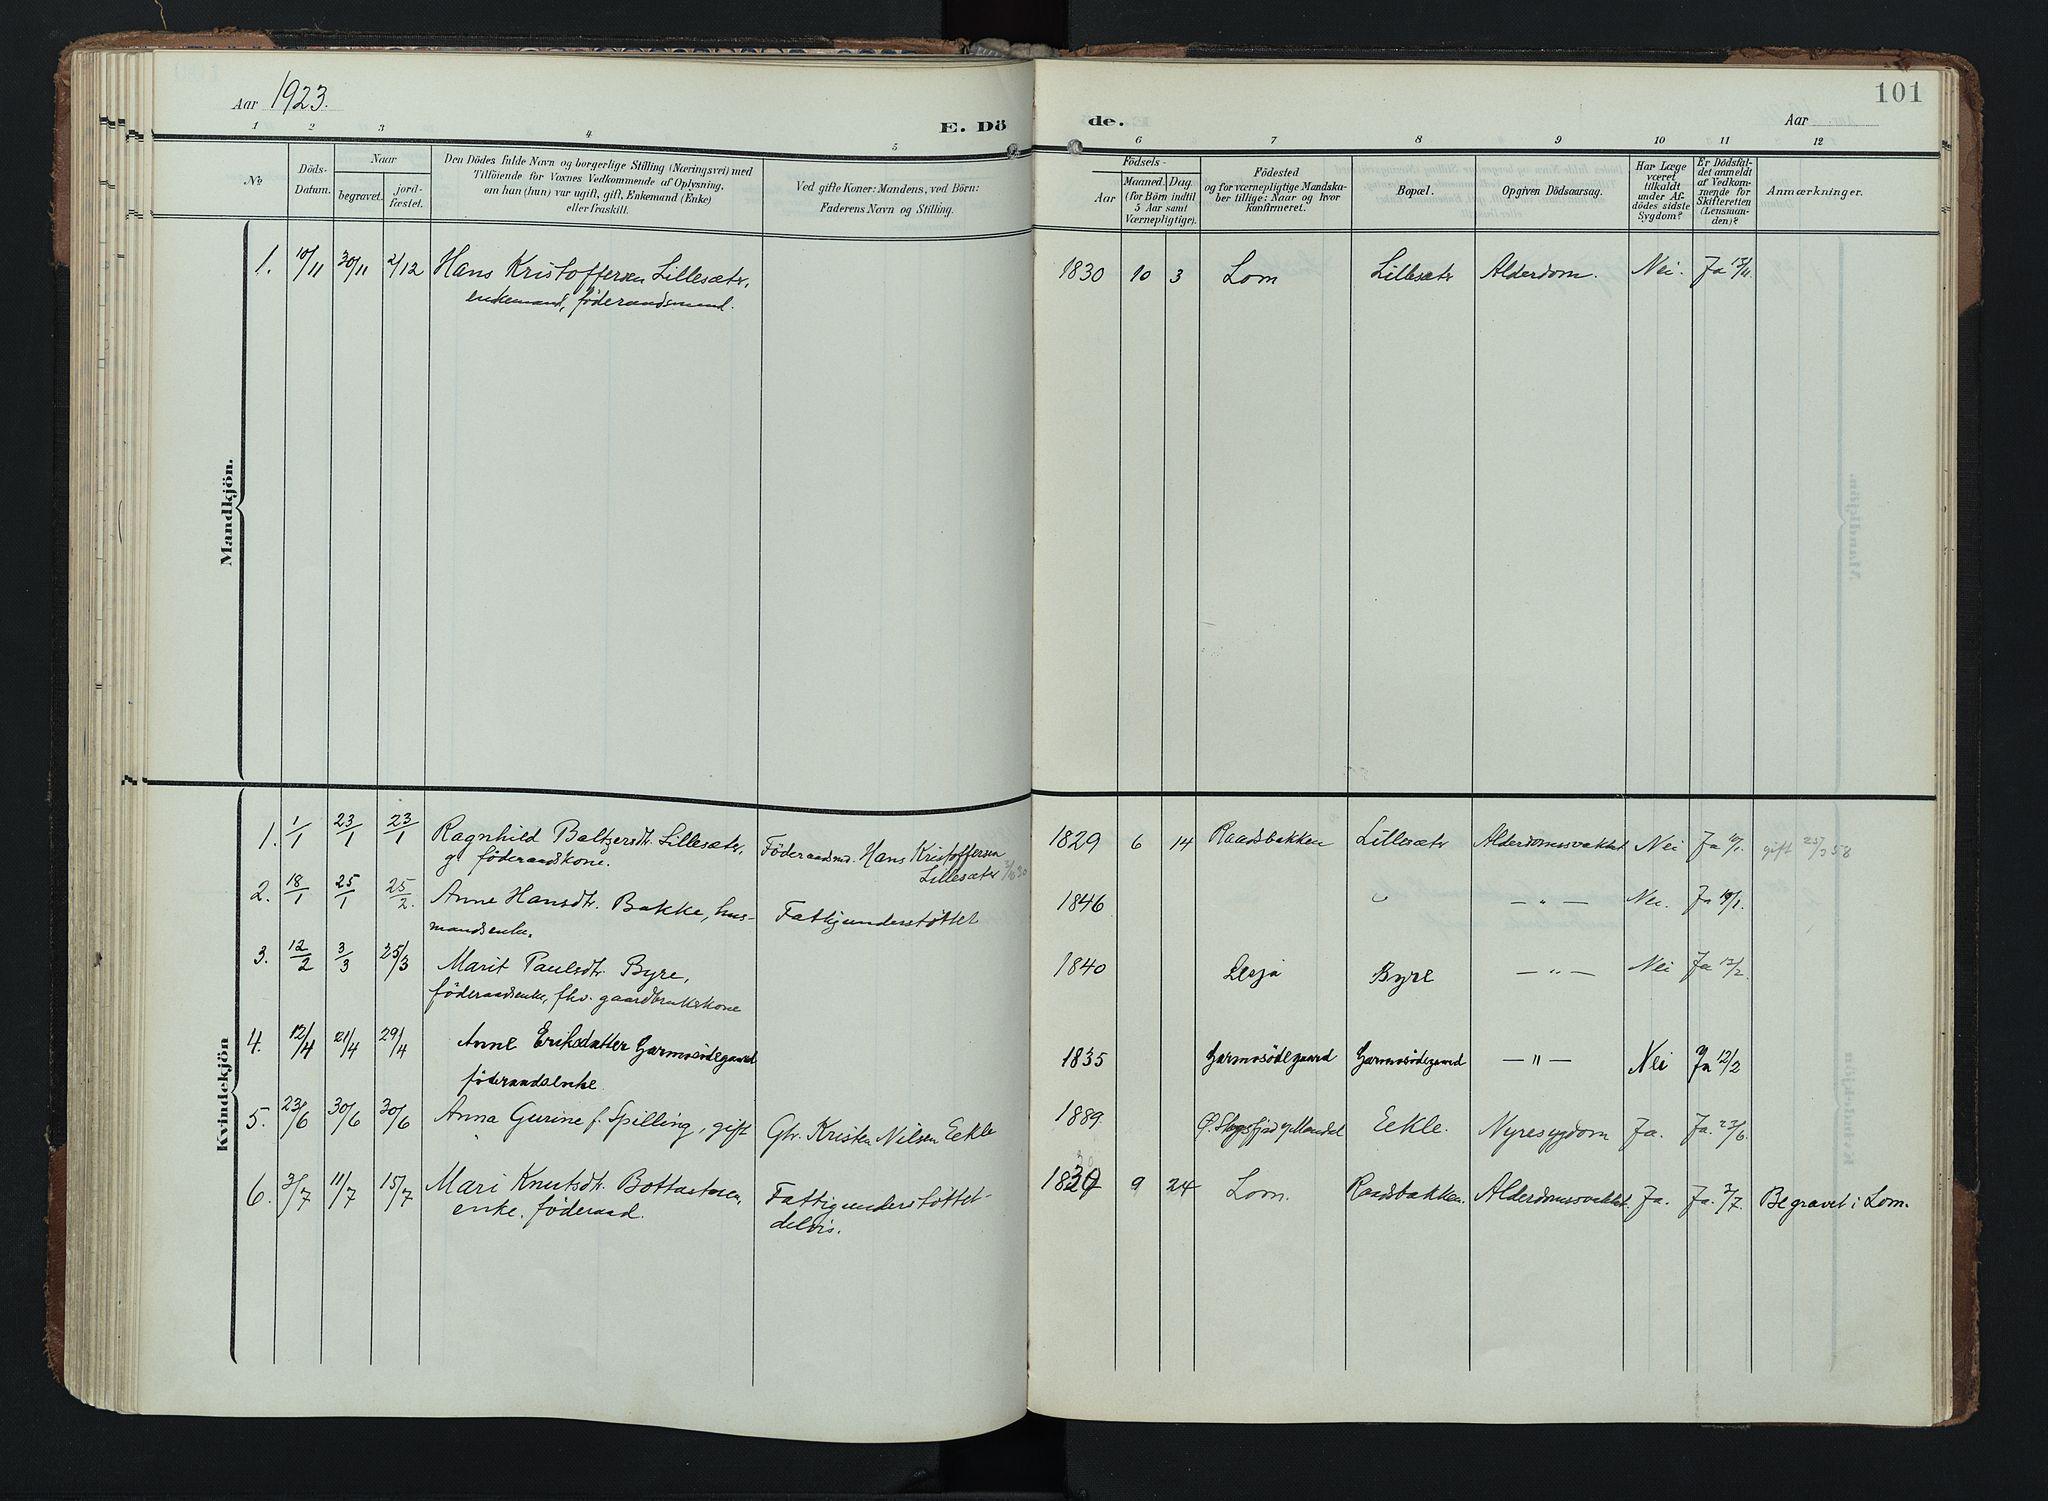 SAH, Lom prestekontor, K/L0011: Ministerialbok nr. 11, 1904-1928, s. 101